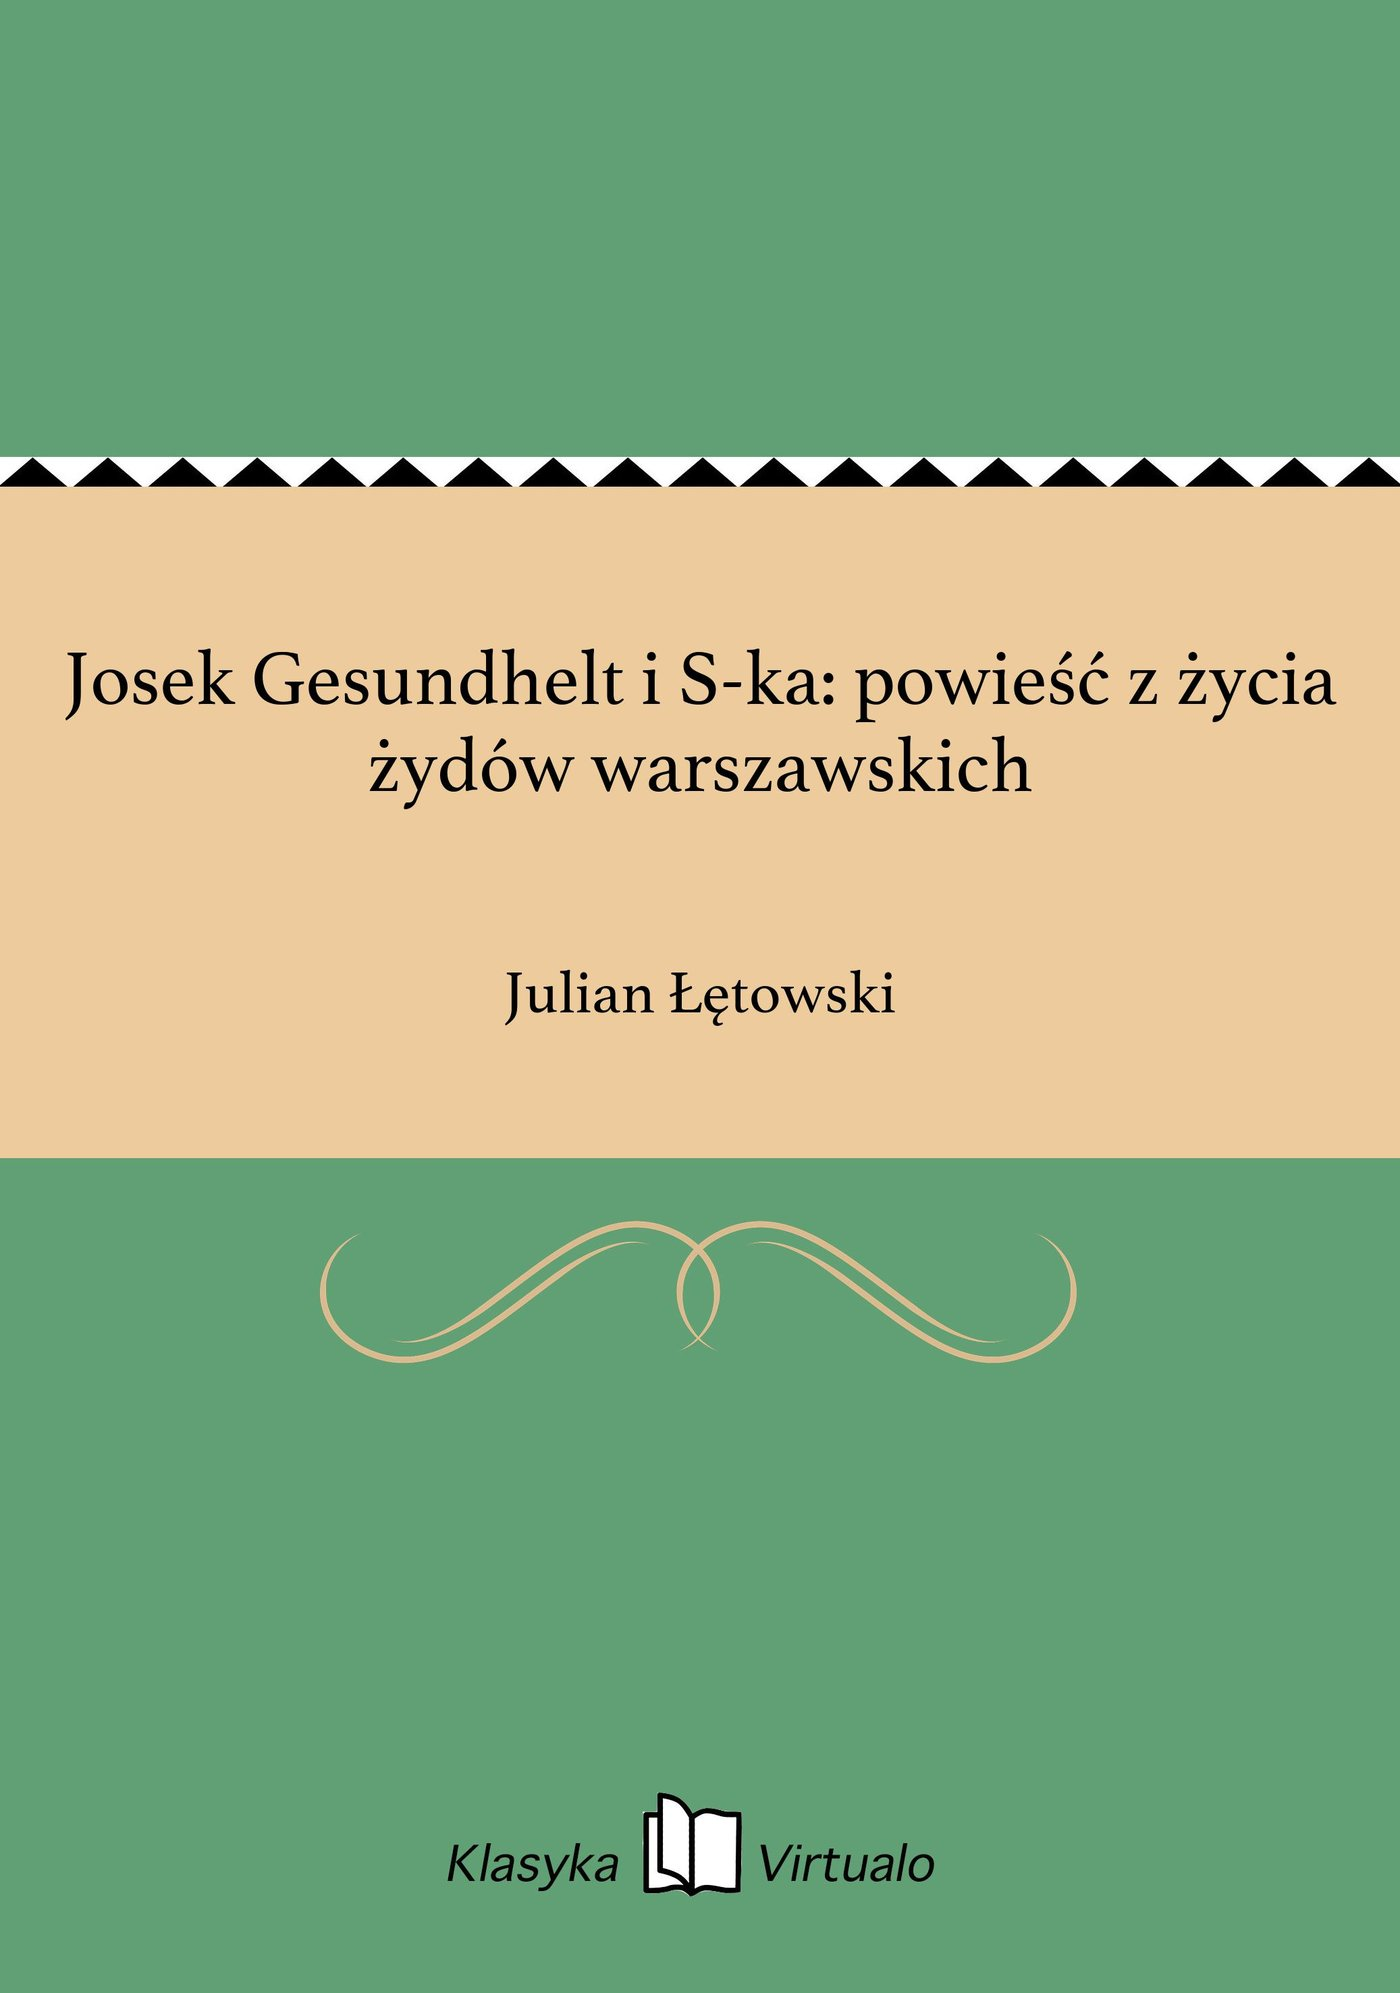 Josek Gesundhelt i S-ka: powieść z życia żydów warszawskich - Ebook (Książka na Kindle) do pobrania w formacie MOBI